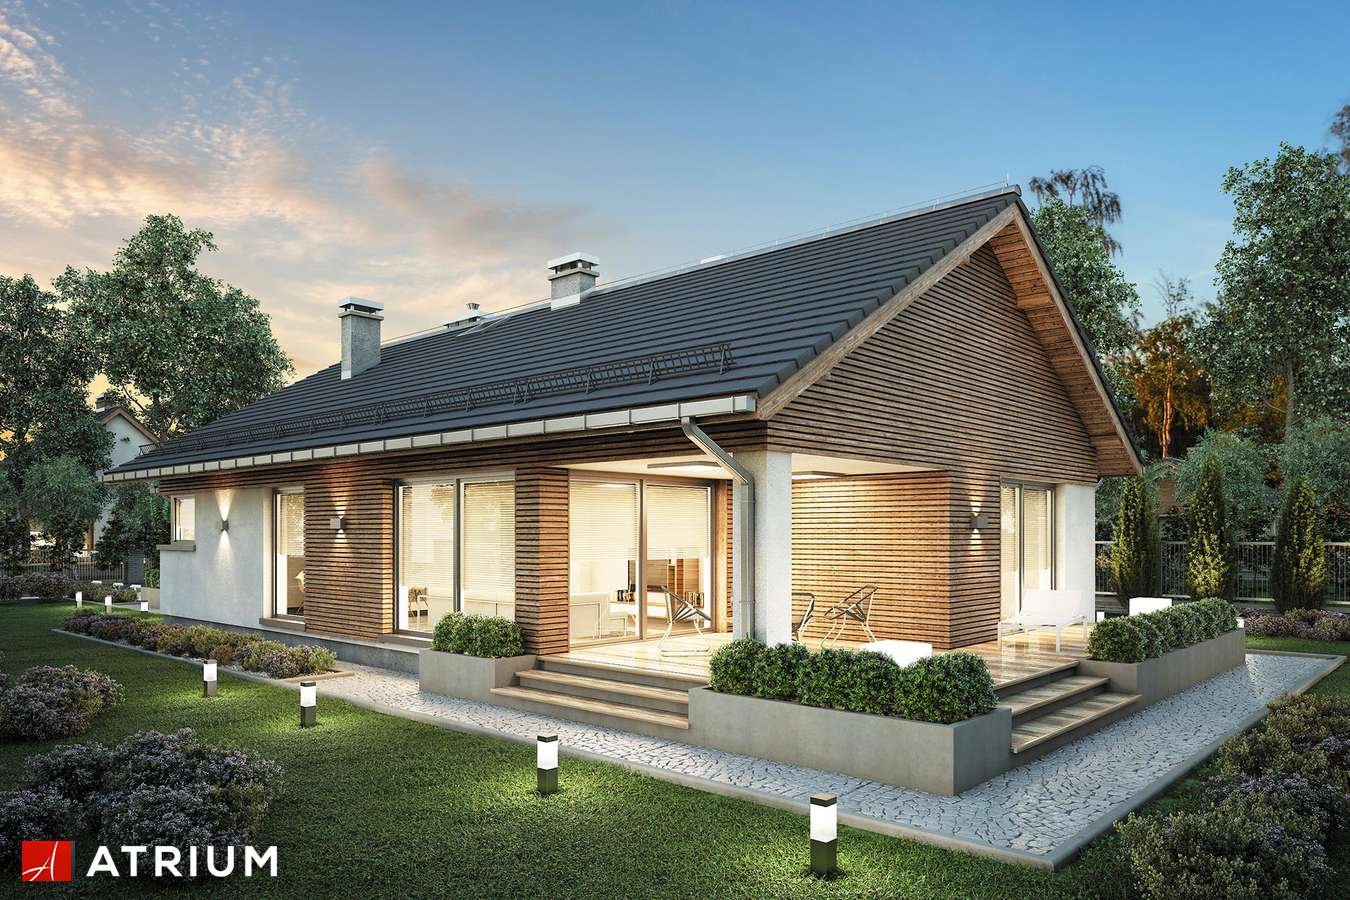 Projekty domów - Projekt domu parterowego PELIKAN SLIM - wizualizacja 2 - wersja lustrzana